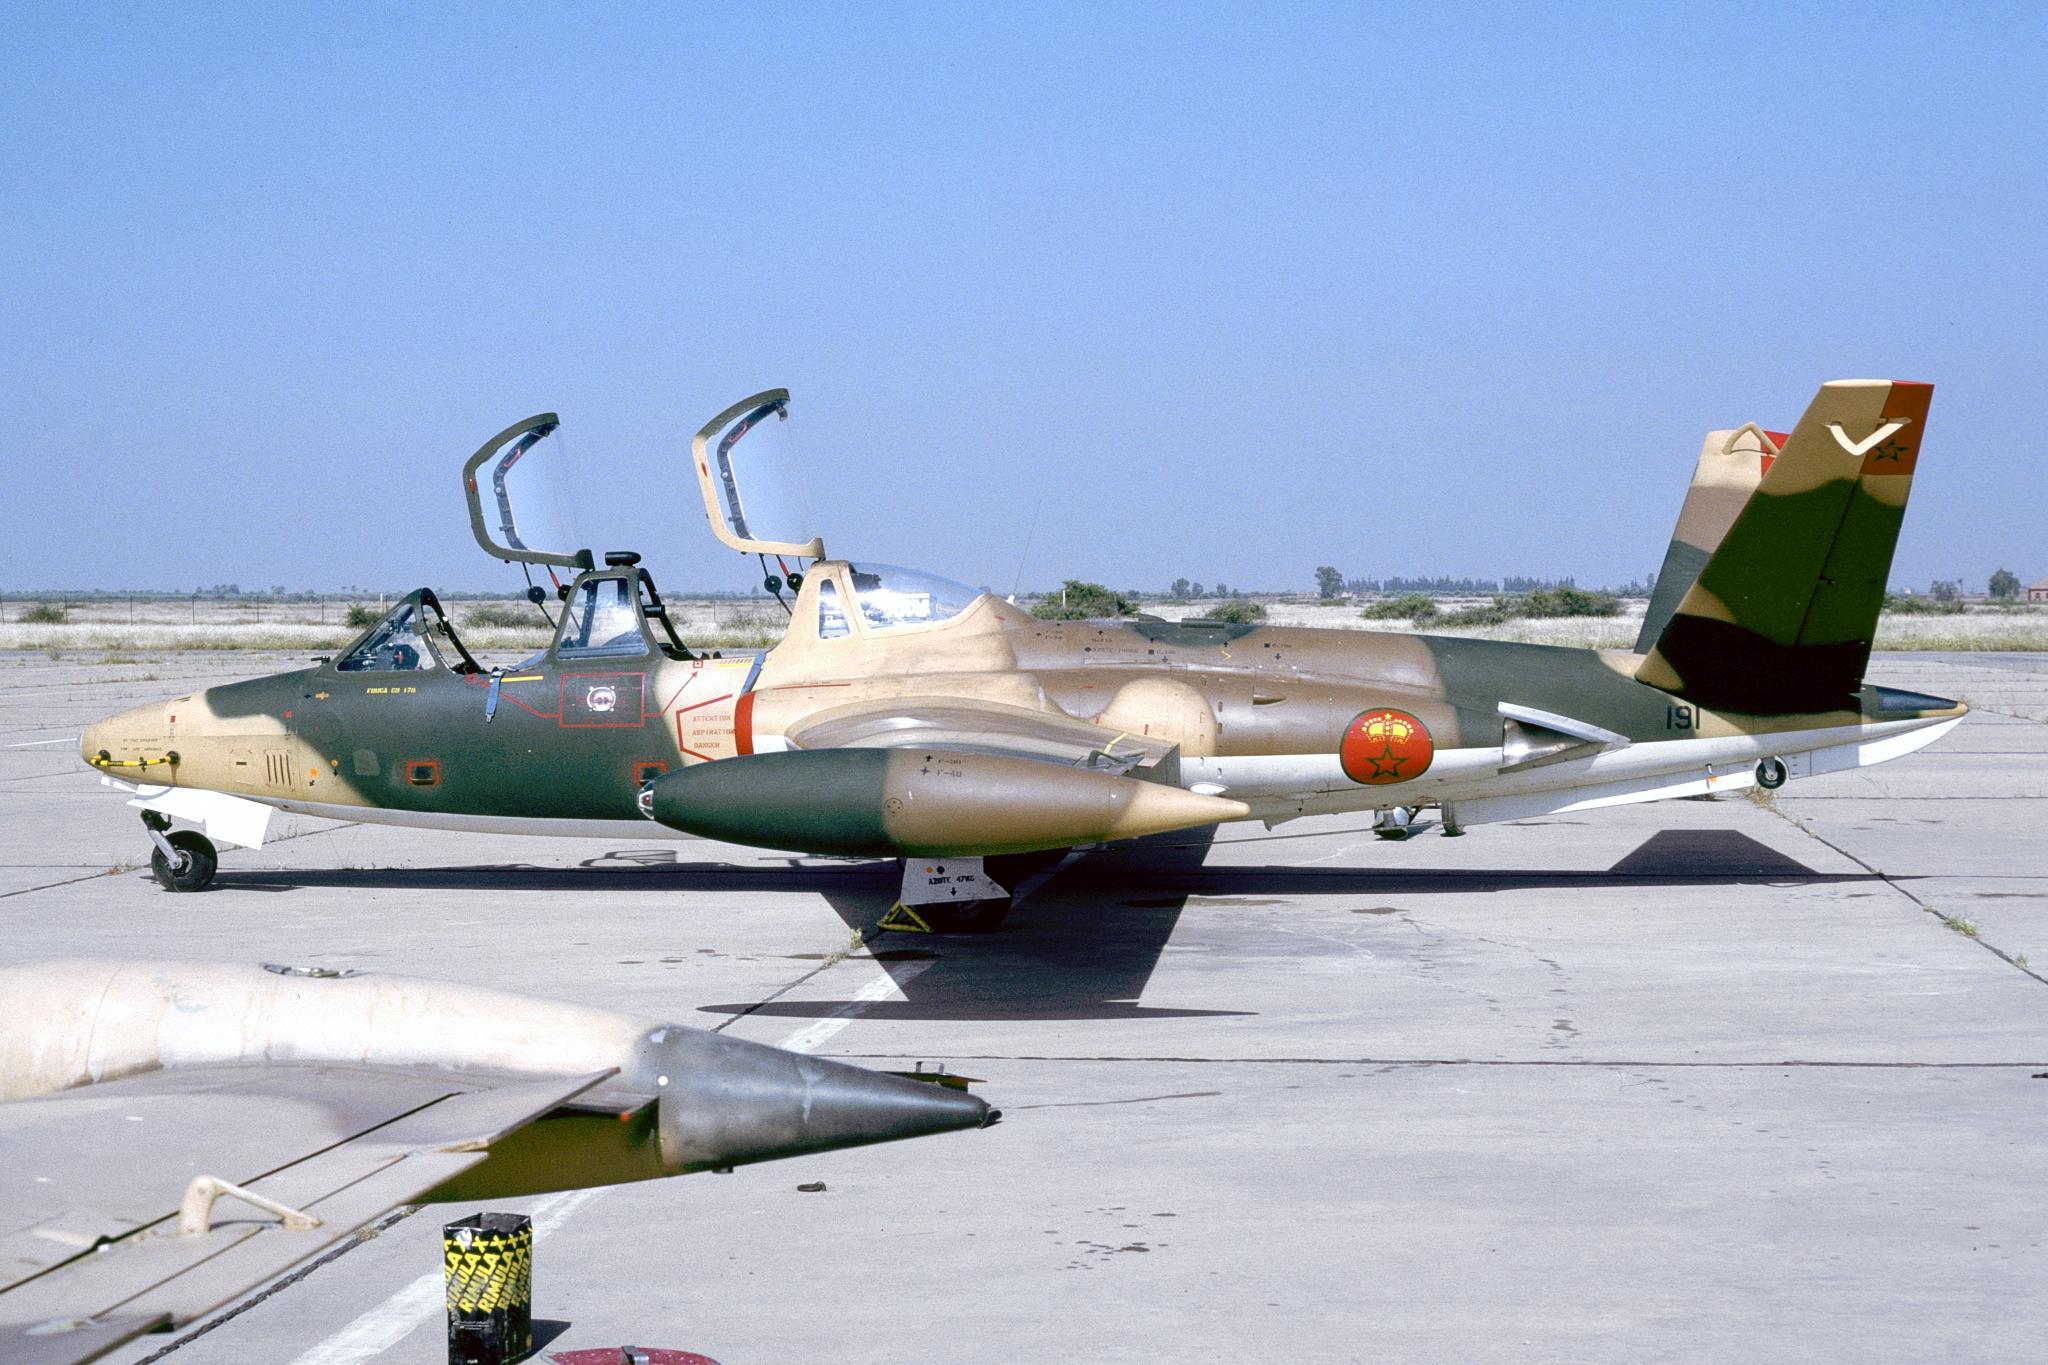 FRA: Photos anciens avions des FRA - Page 13 32094587267_b4fa9ceba2_o